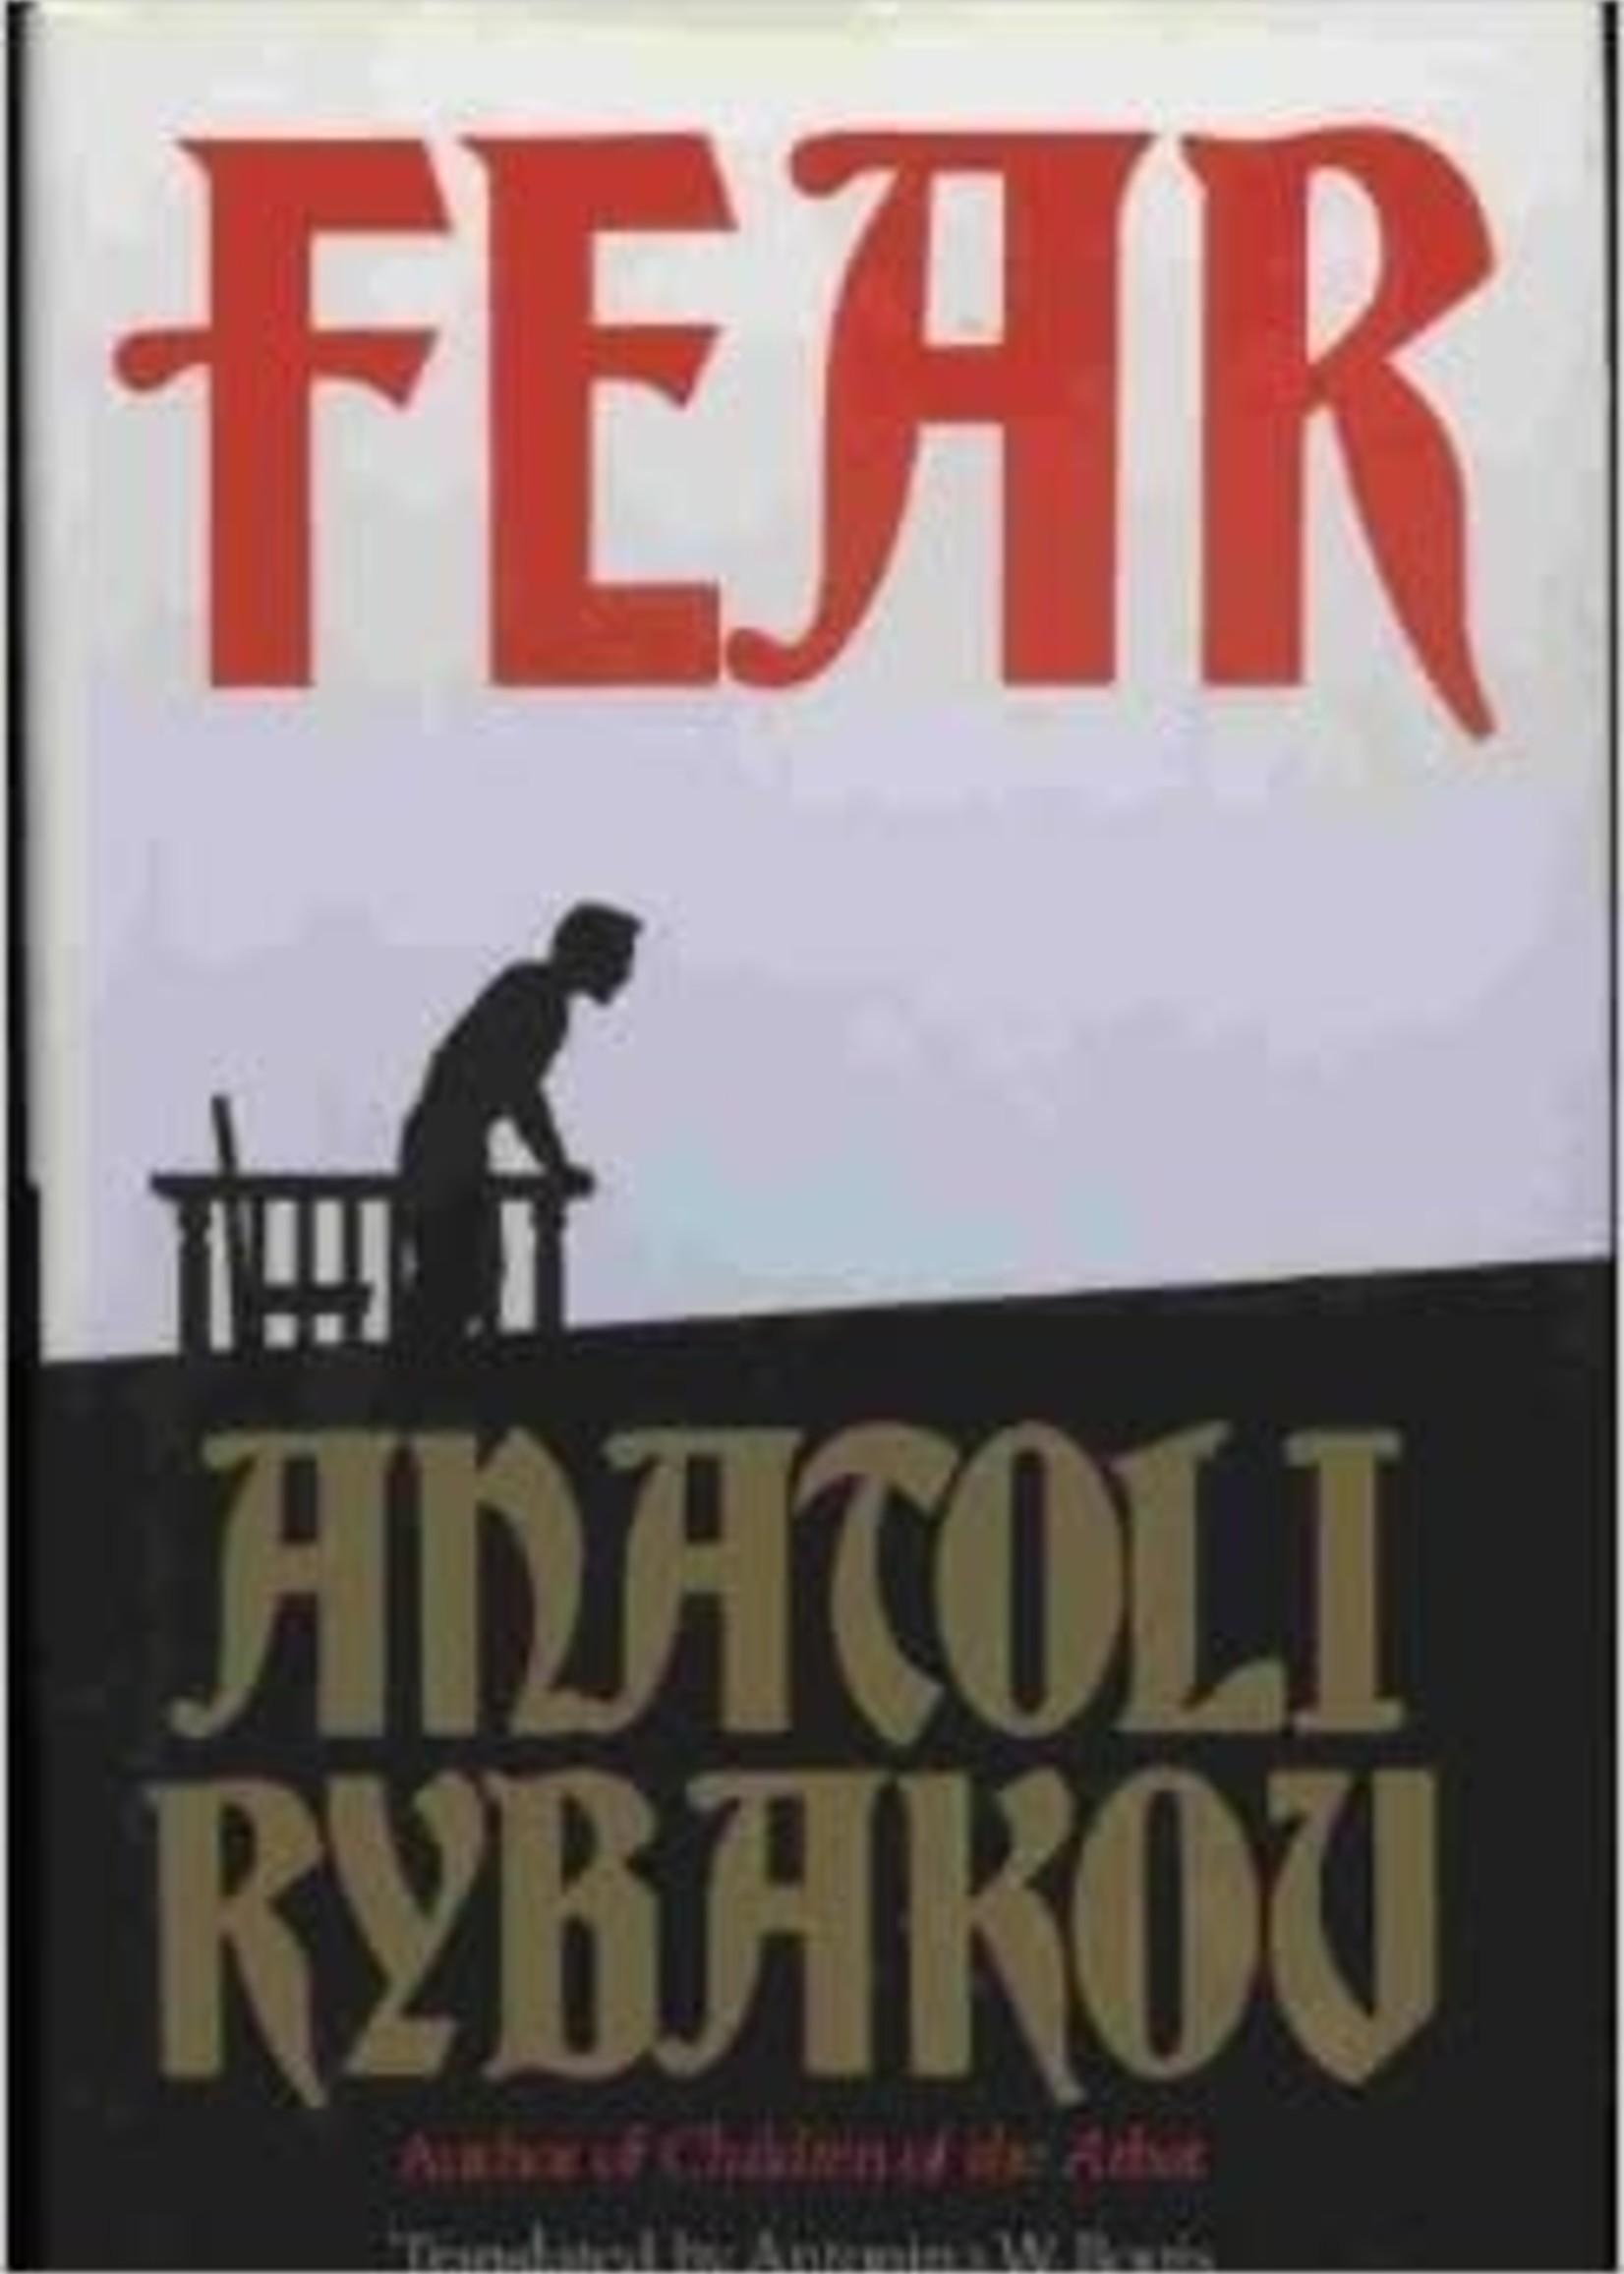 USED - Fear by Anatoli Rybakov